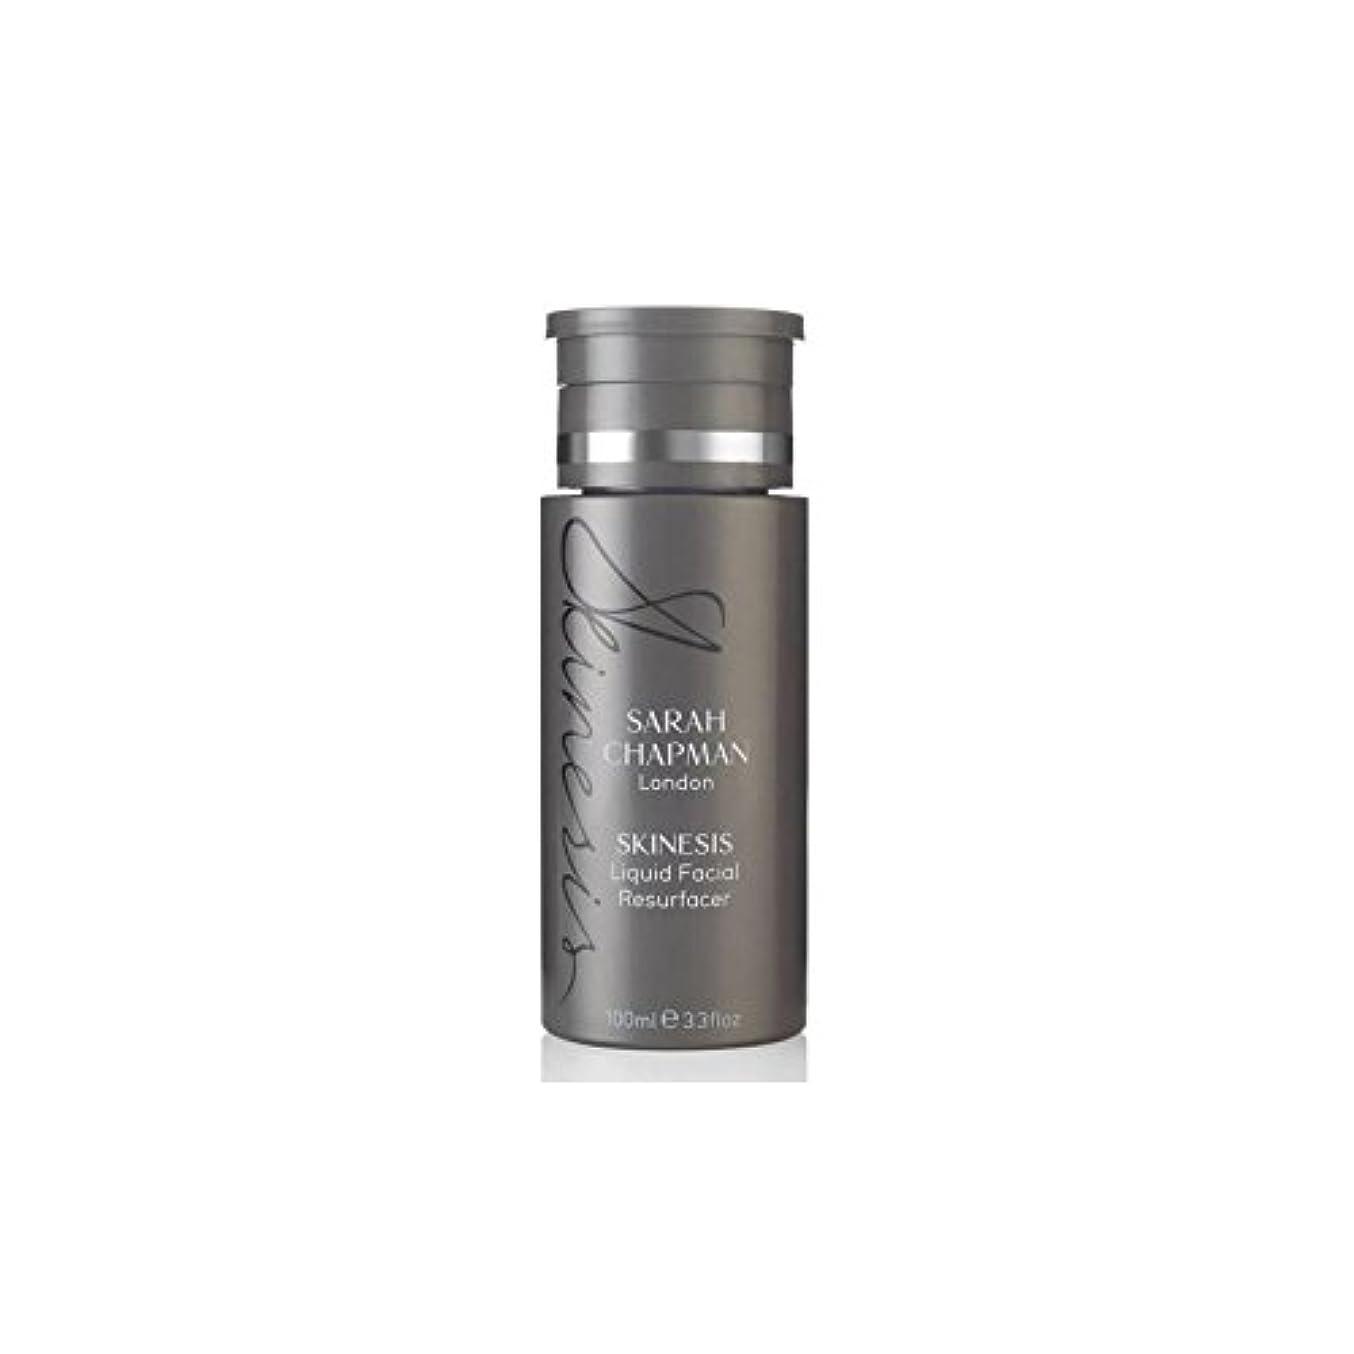 ティーンエイジャー発音和らげるSarah Chapman Skinesis Liquid Facial Resurfacer (100ml) (Pack of 6) - サラチャップマン液体顔(100)に x6 [並行輸入品]